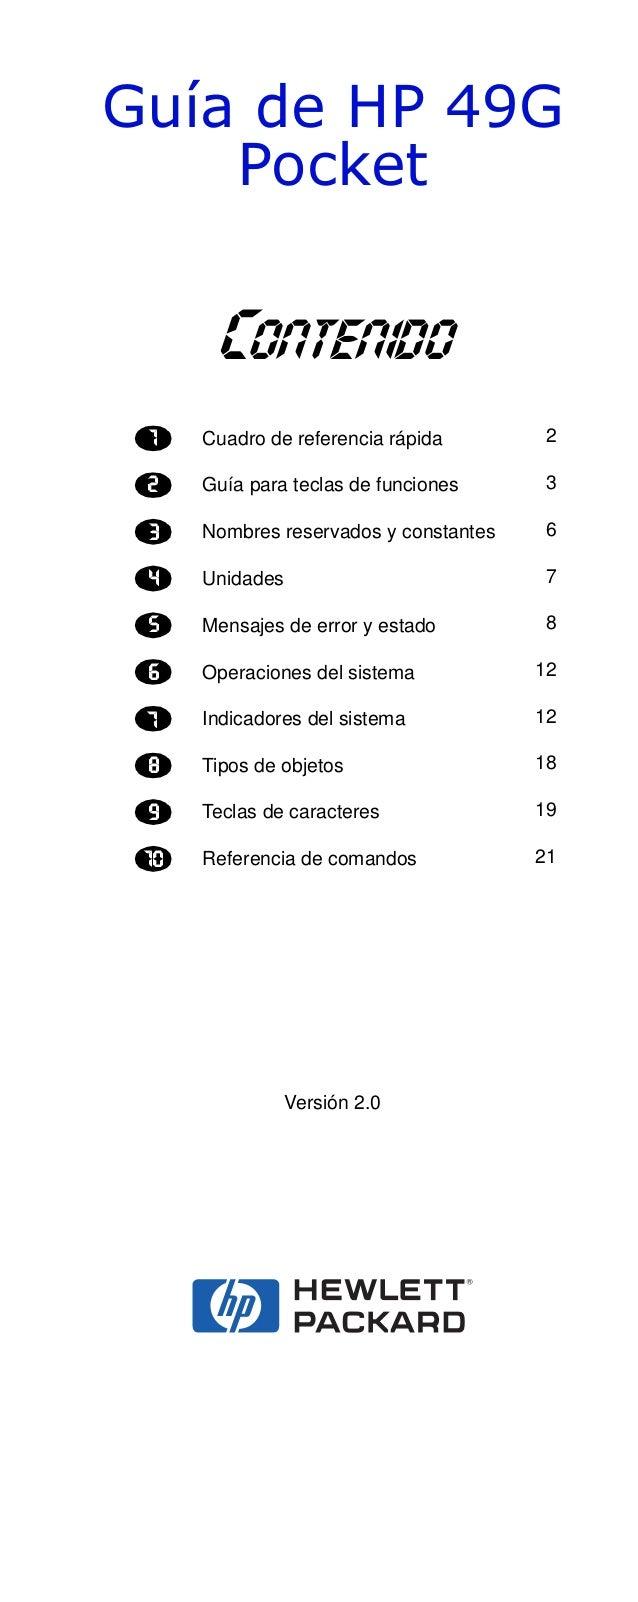 *XtD GH +3 *    3RFNHW       #KJPAJE@K     Cuadro de referencia rápida        2     Guía para teclas de funciones      3  ...